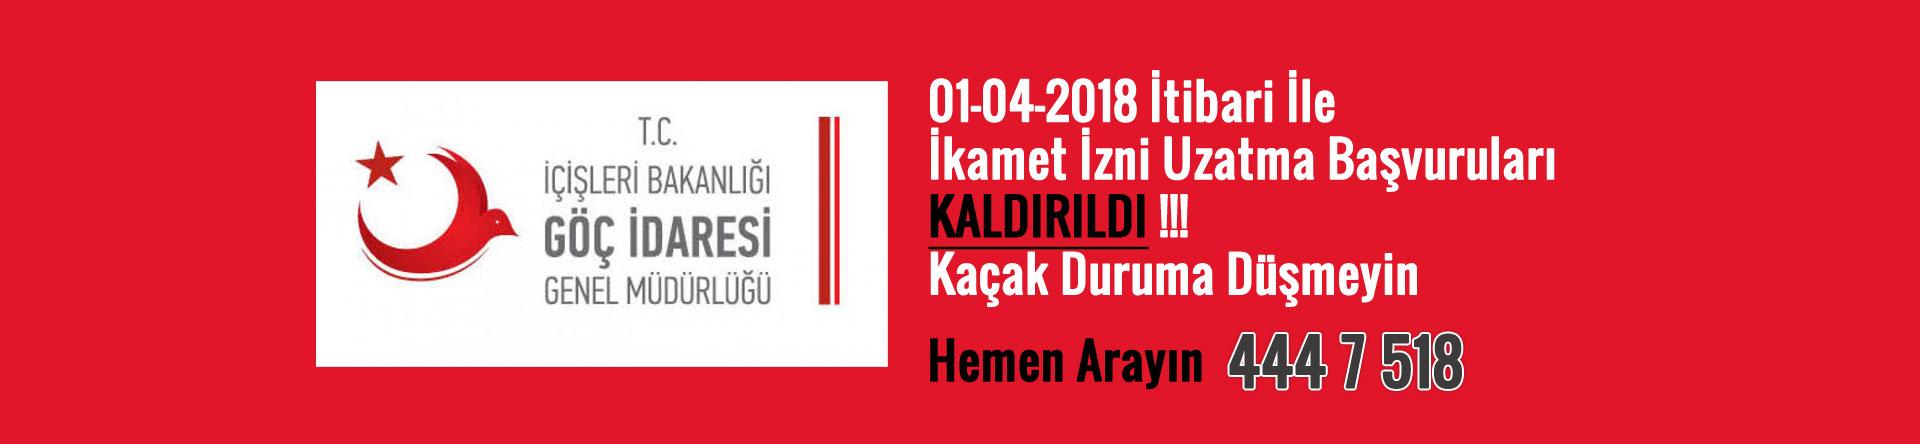 01-04-2018-gocidaresi-ikametizni-uzatma-kalkti